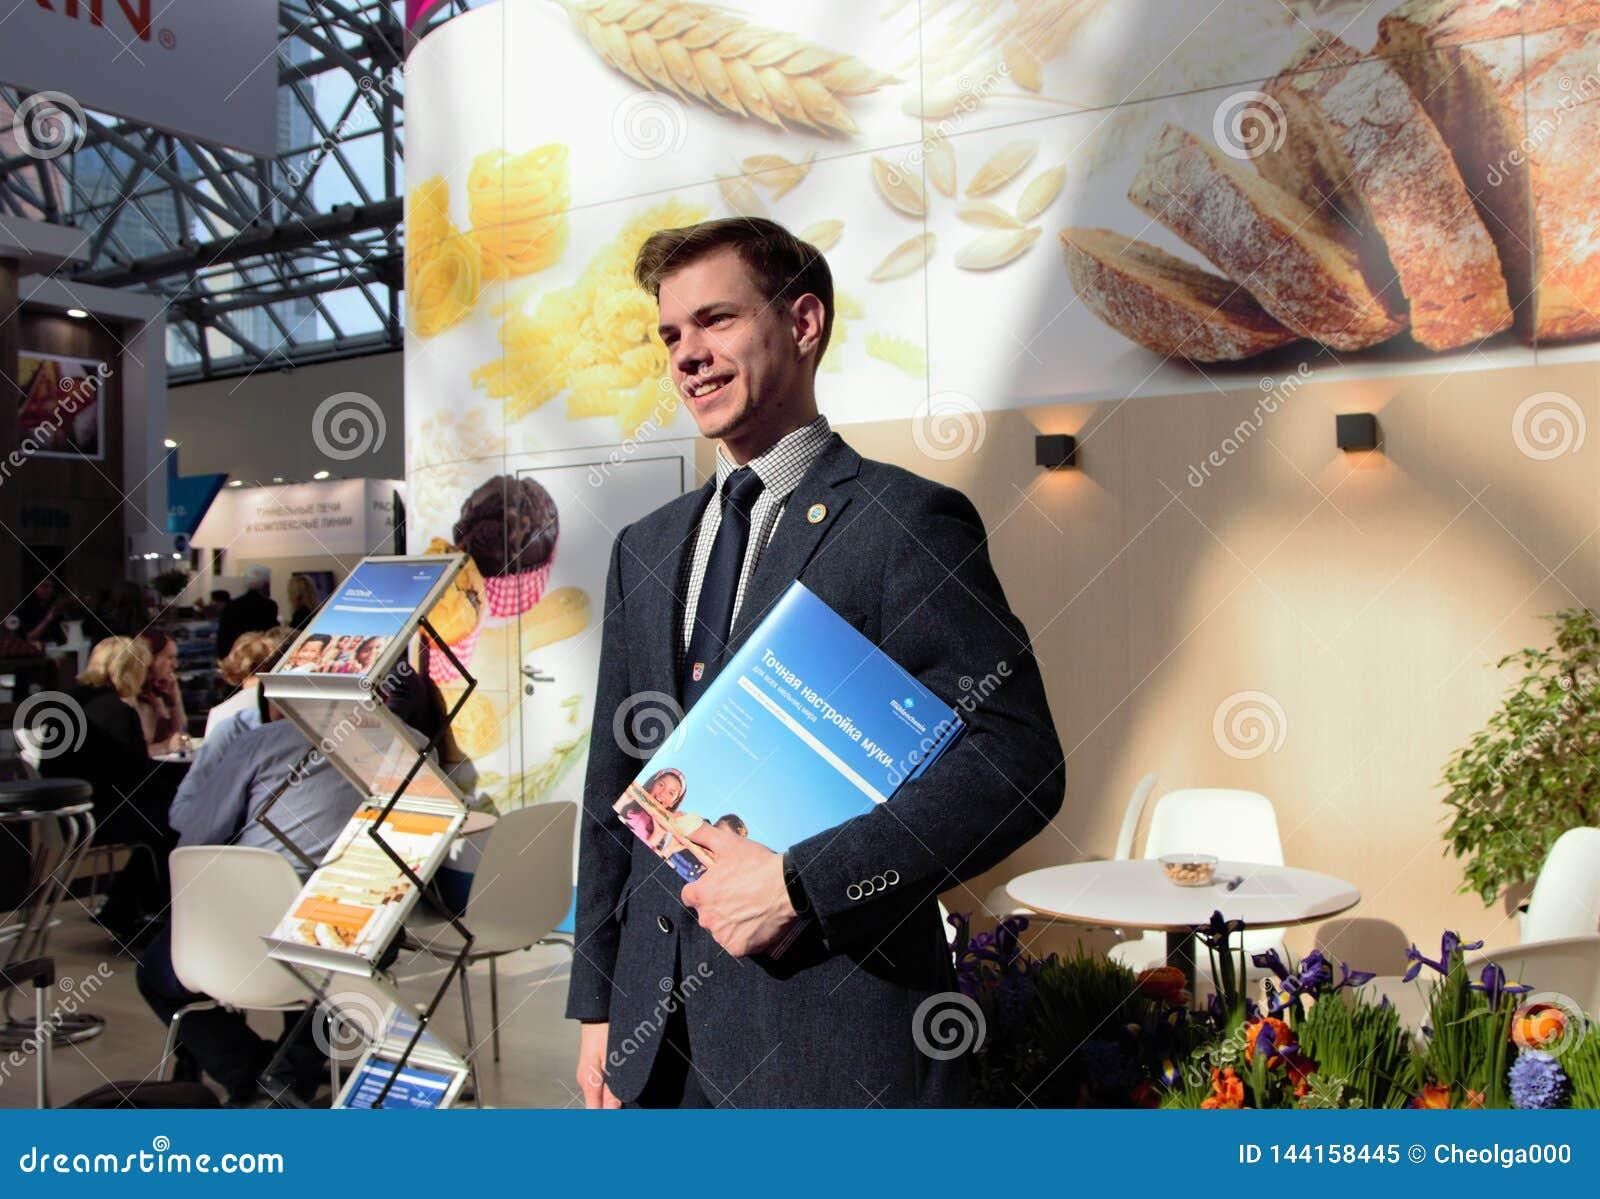 03 14 2019 Ryssland, Moskva att le mannen, i en affärsdräkt, står mot bakgrunden av en informationsställning med